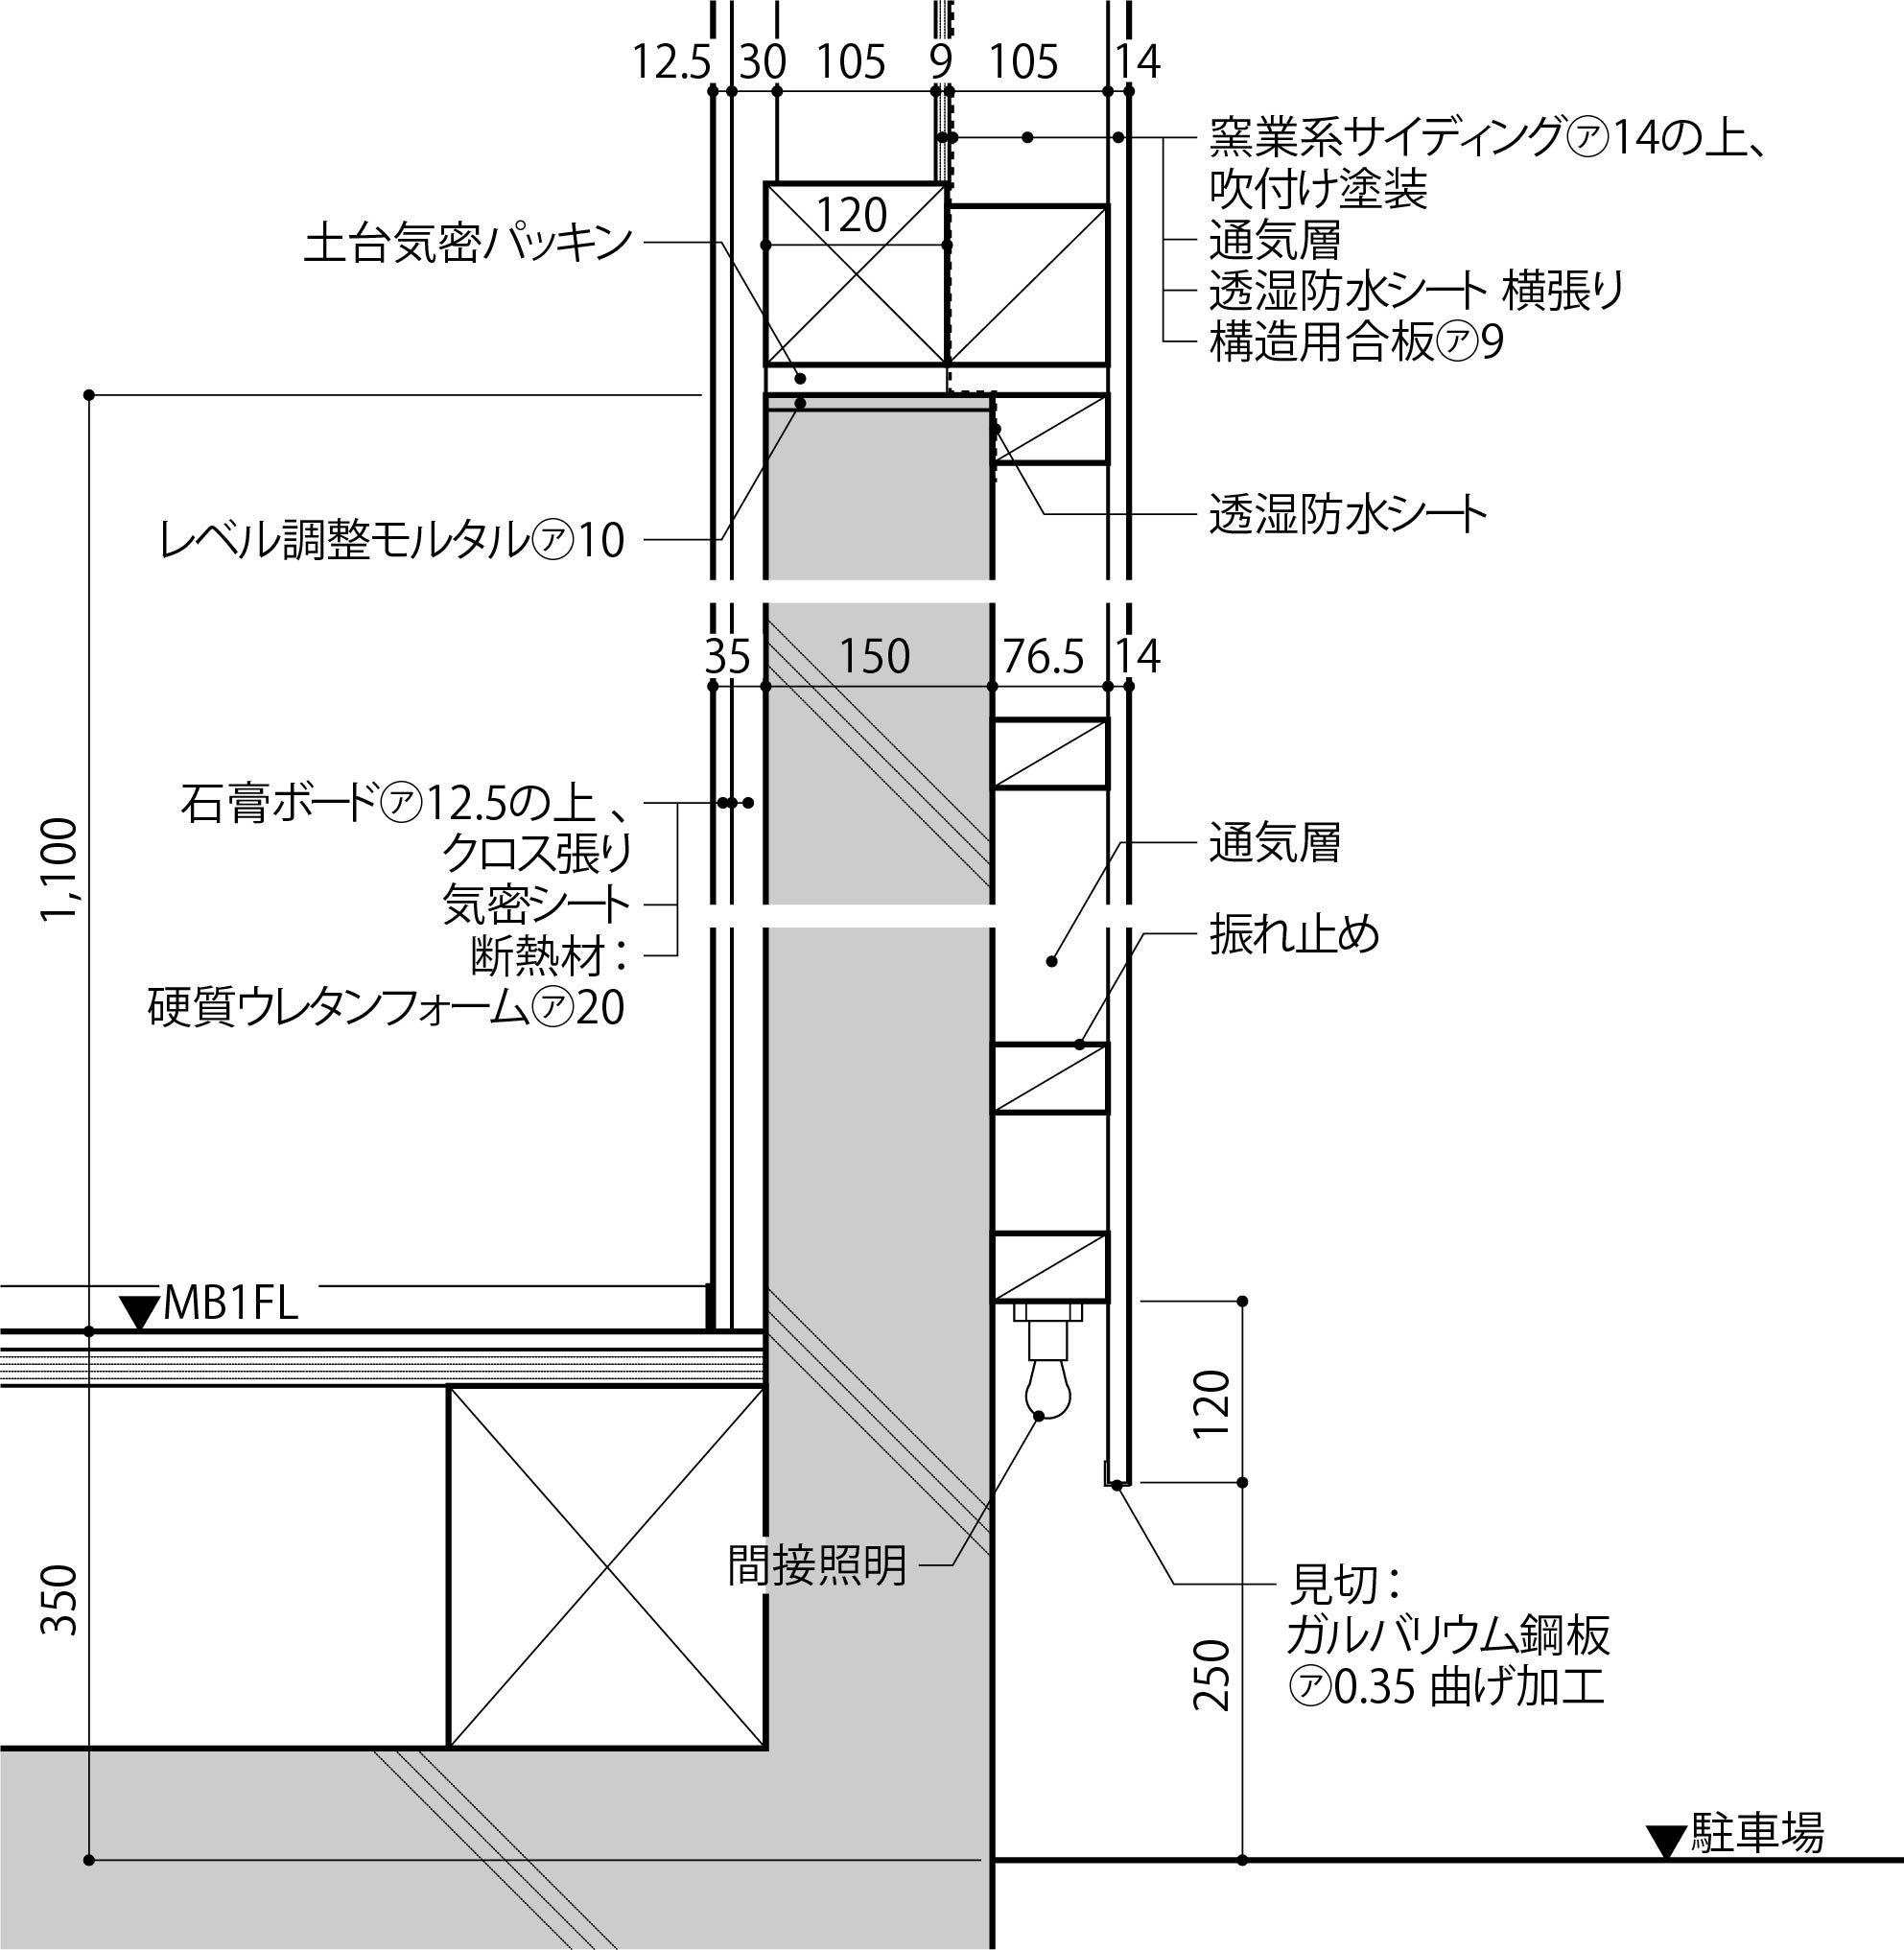 深基礎を外壁材で隠す図面画像 施工図 詳細図面 インテリア